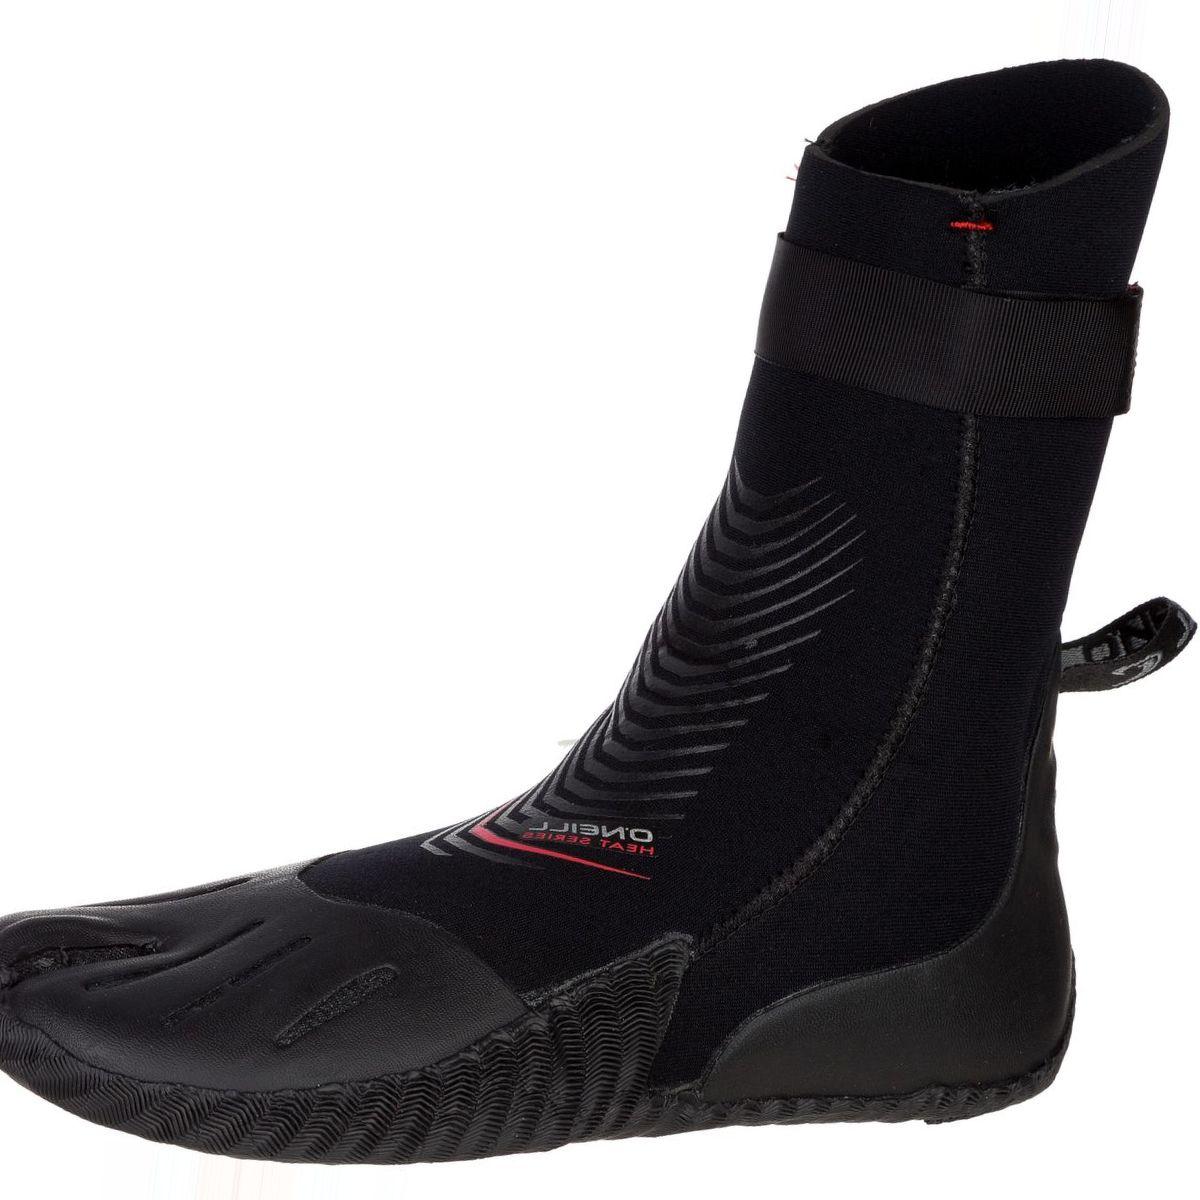 O'Neill Heat 3mm Split Toe Boot - Men's